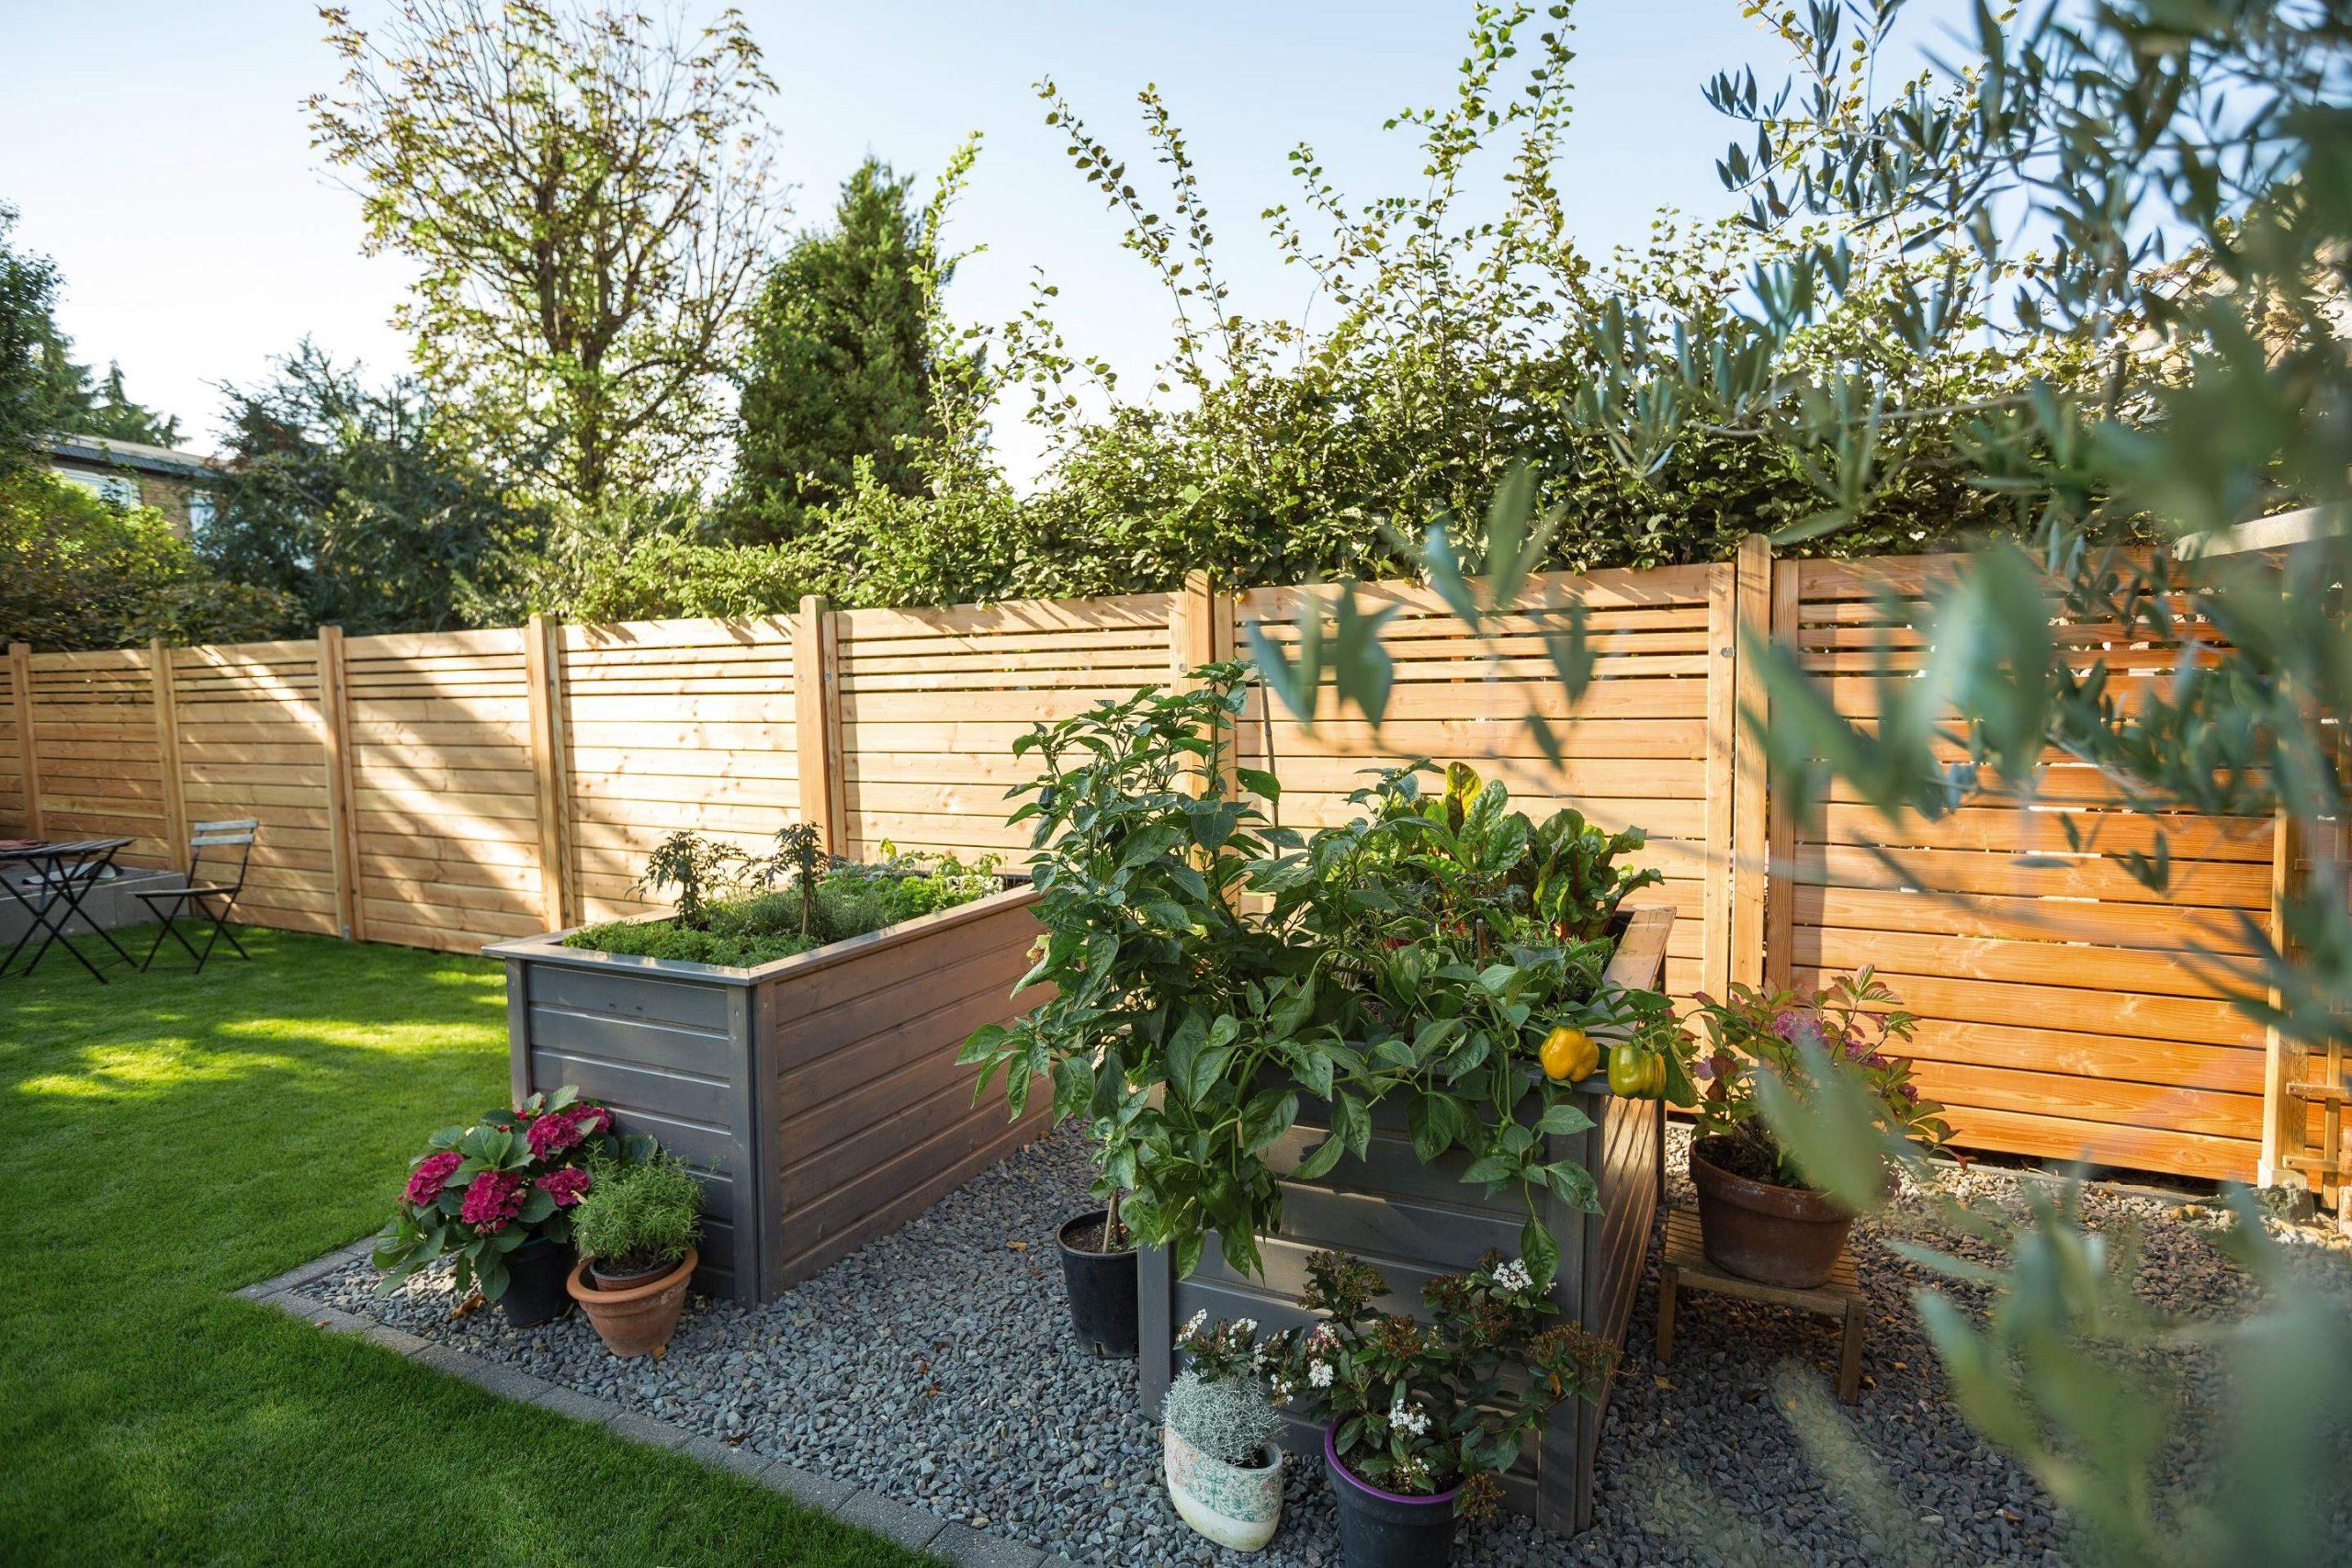 Garten Gestalten Mit Wenig Geld Frisch Sichtschutz Für Den Garten Infos Und Ratgeber